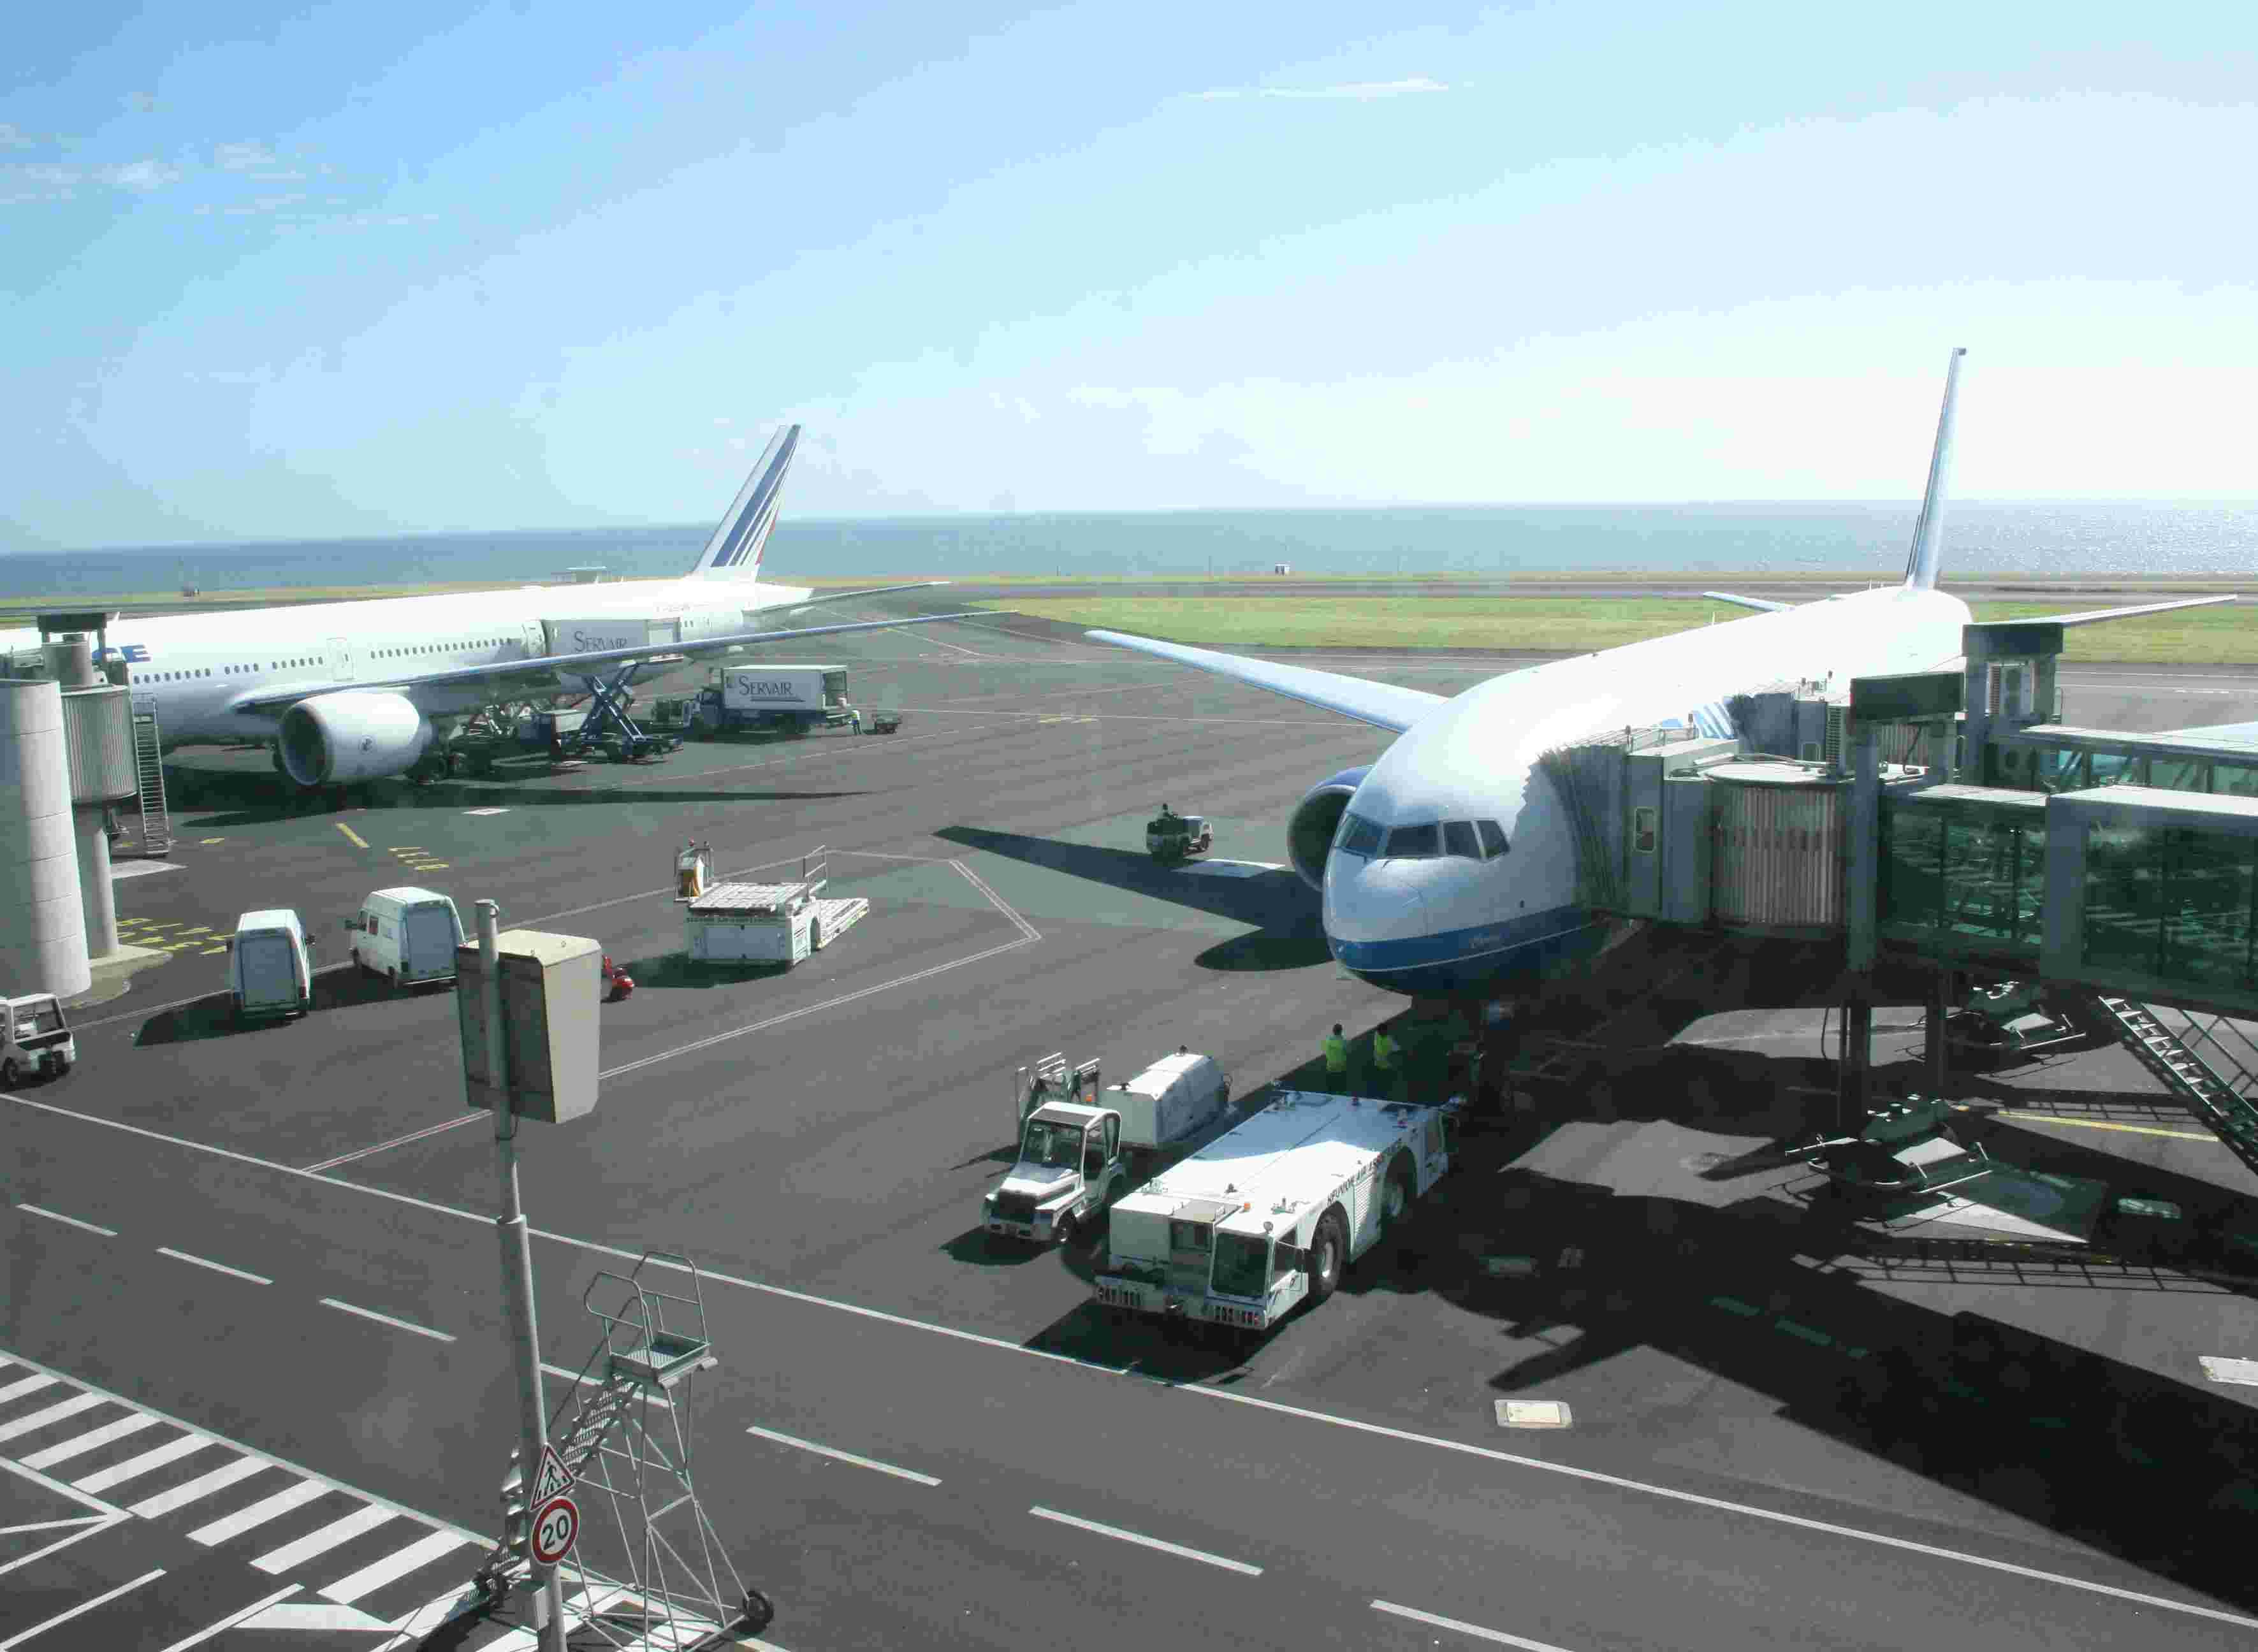 Aéroport de Saint Denis de la Réunion